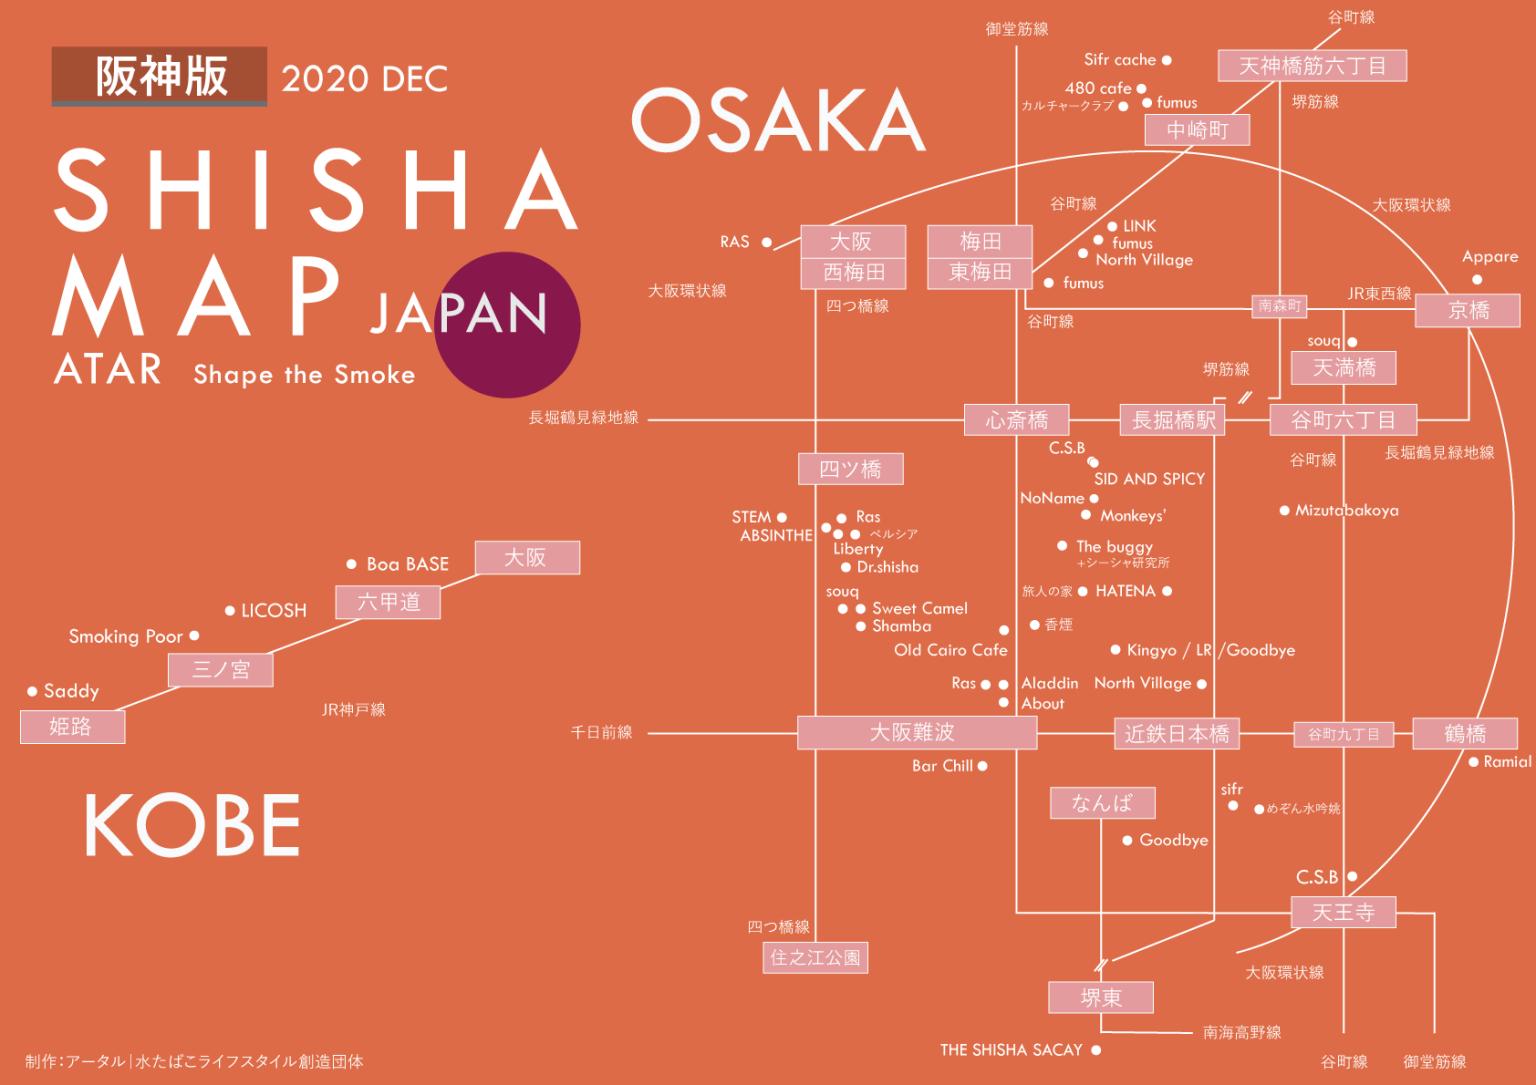 https://www.japanshishatimes.jp/blog/shishamap-202012